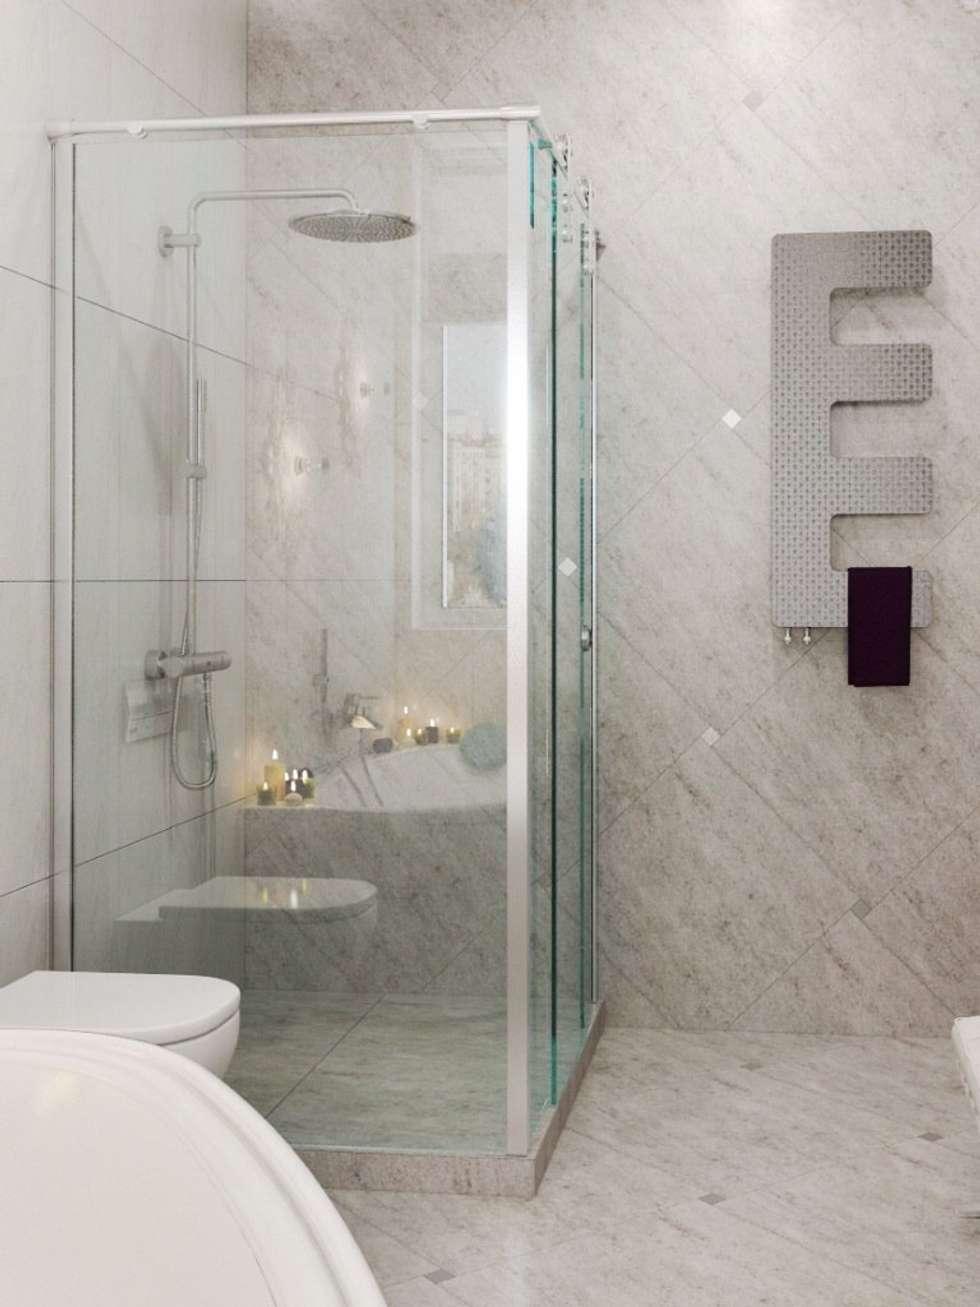 """душ и полотенцесушитель """"рыбья чешуя"""": Ванные комнаты в . Автор – pashchak design"""